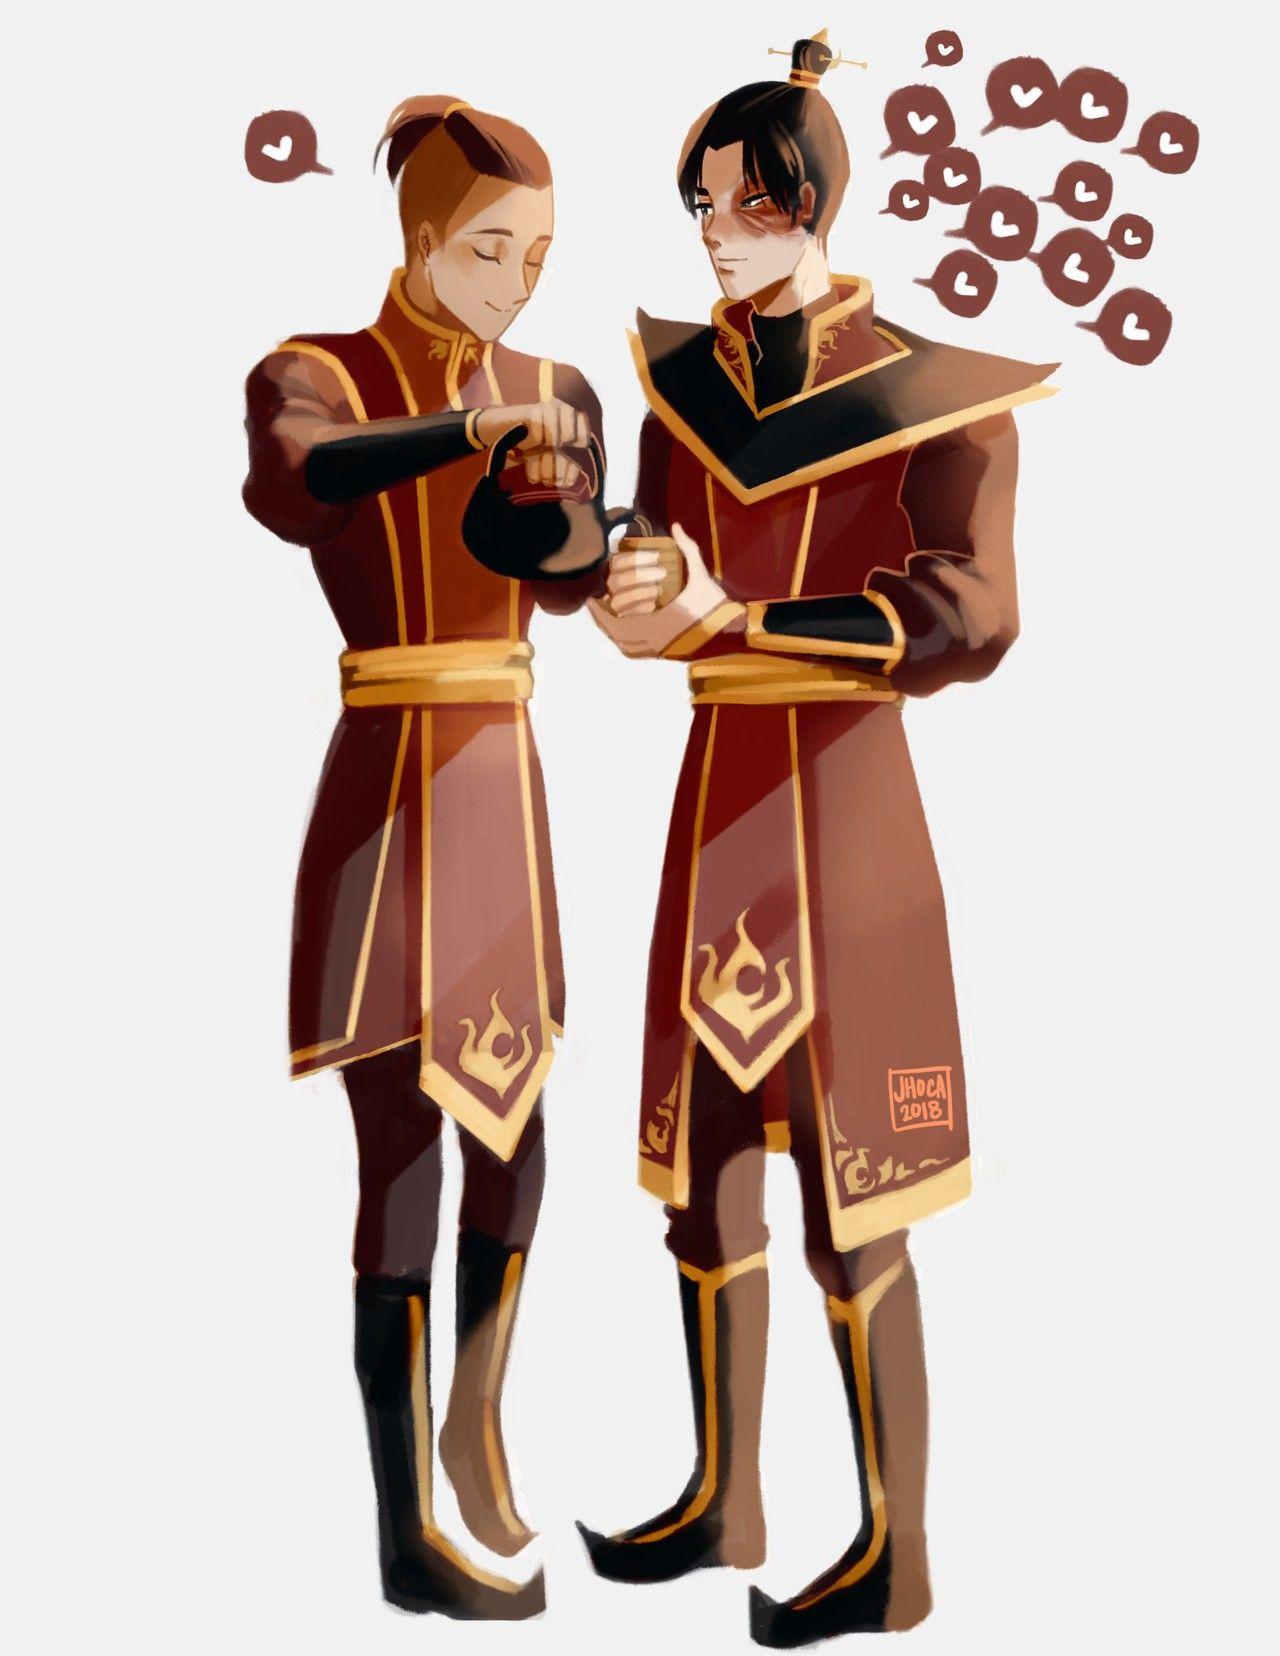 kolostori tea visszérösszetételre